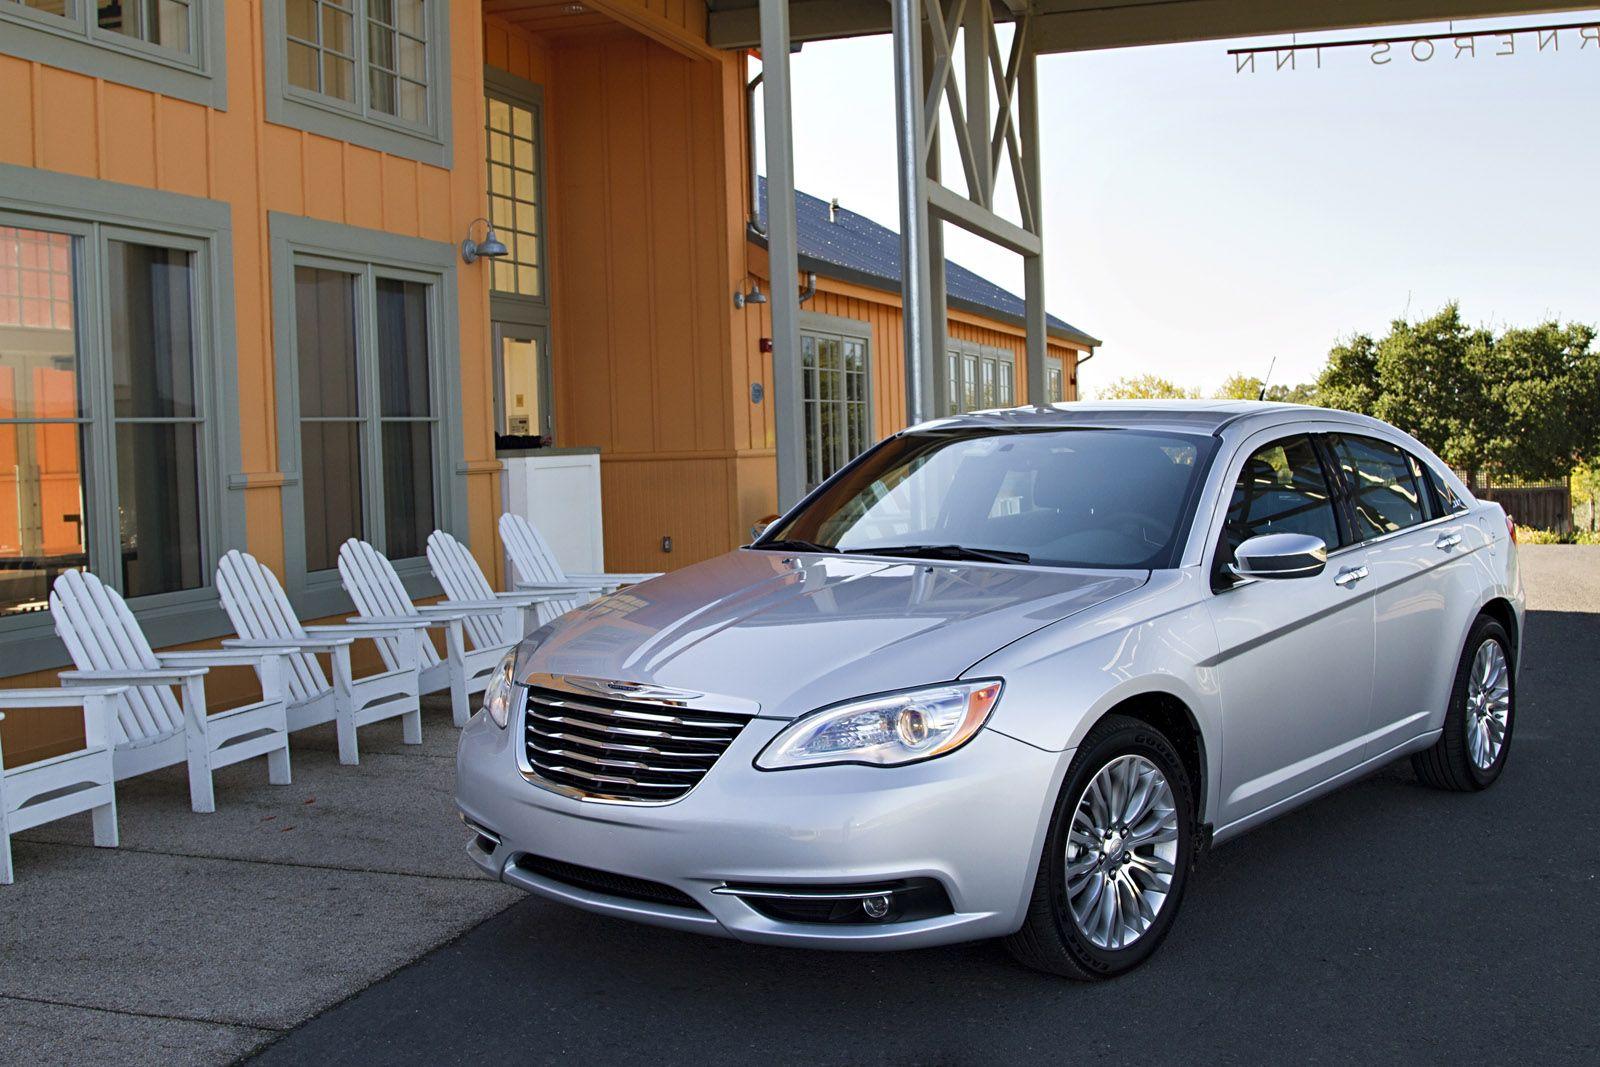 Chrysler 200 Mpg >> Chrysler 200 Mpg V6 New Car Price Specification Review Images